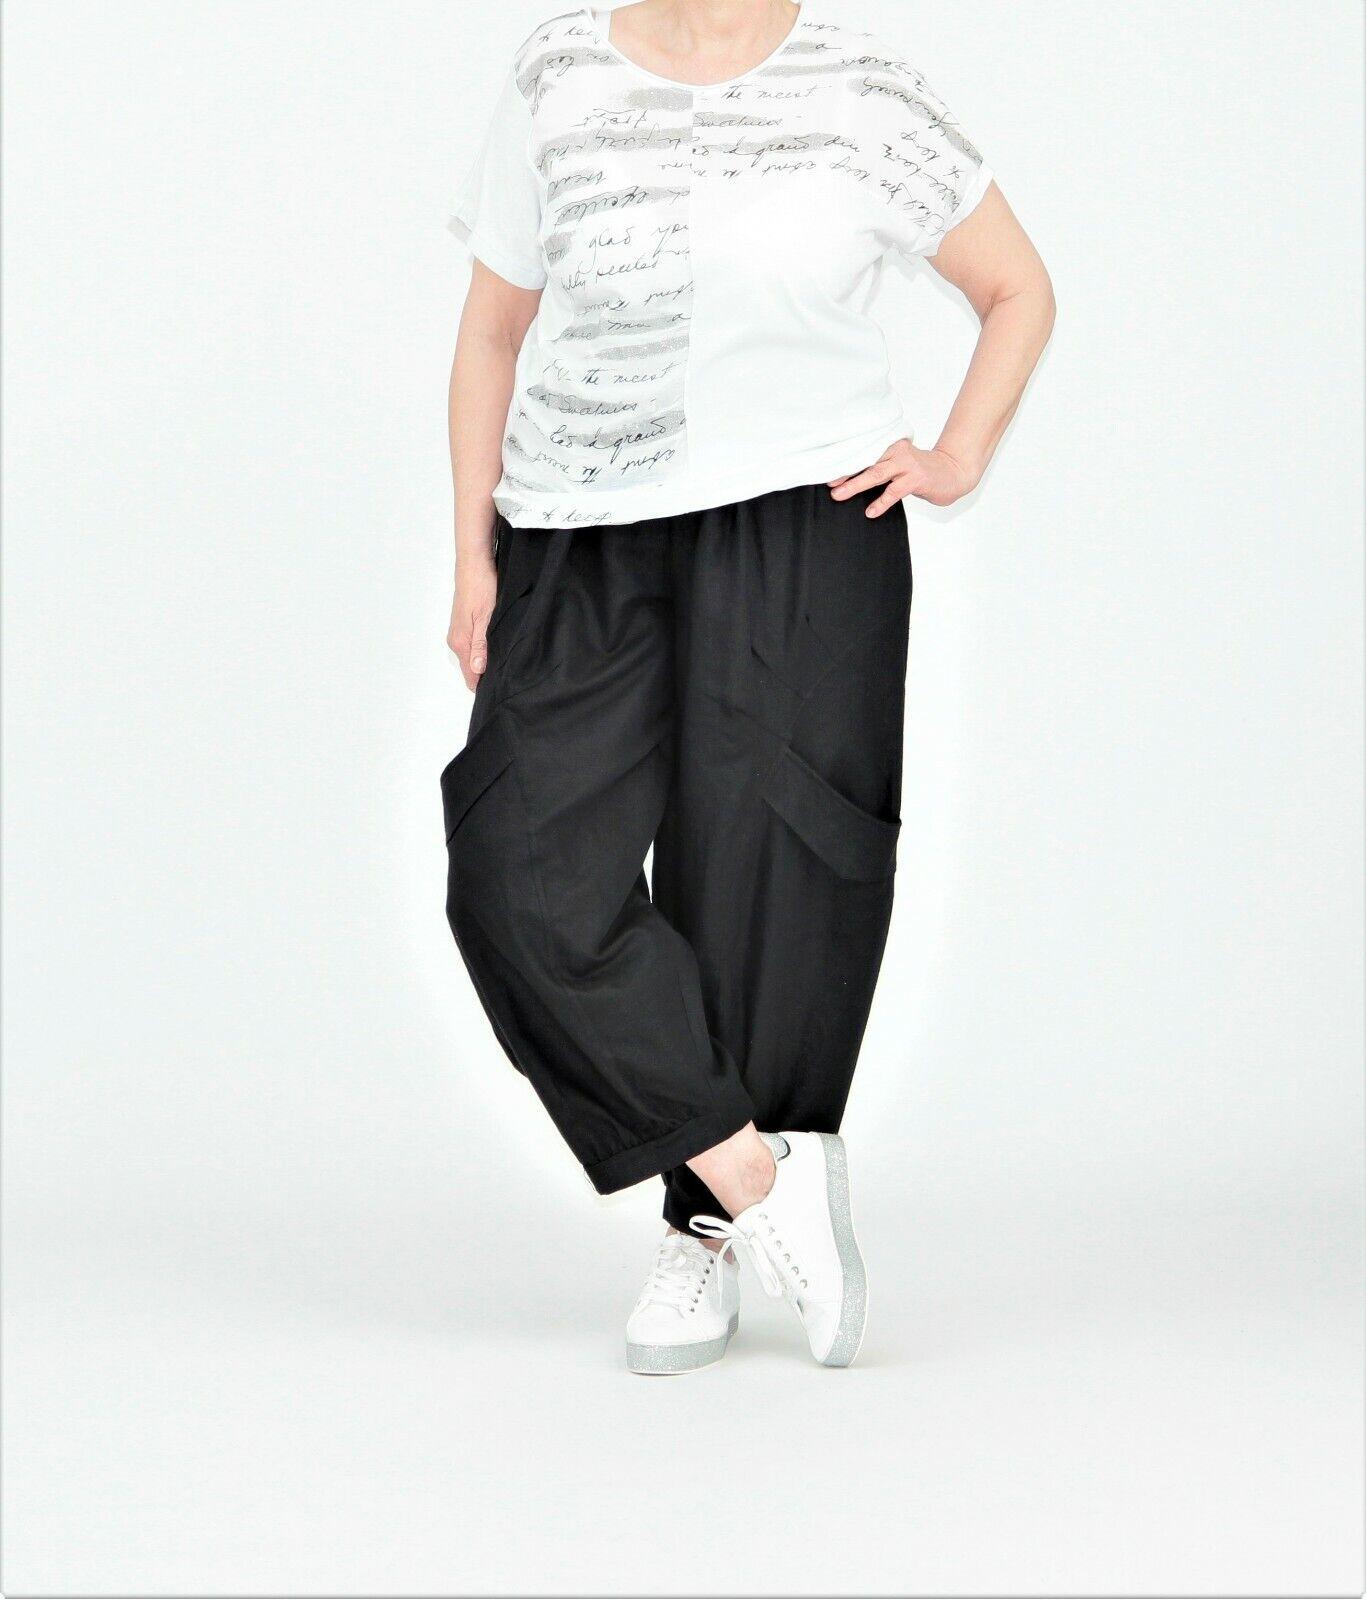 632a33ba7012ac AKH Fashion Ballon-Hose EG schwarz, mit Bündchen ♢ ♢ 44,46,48,50,52,54  nowxeq841-Hosen